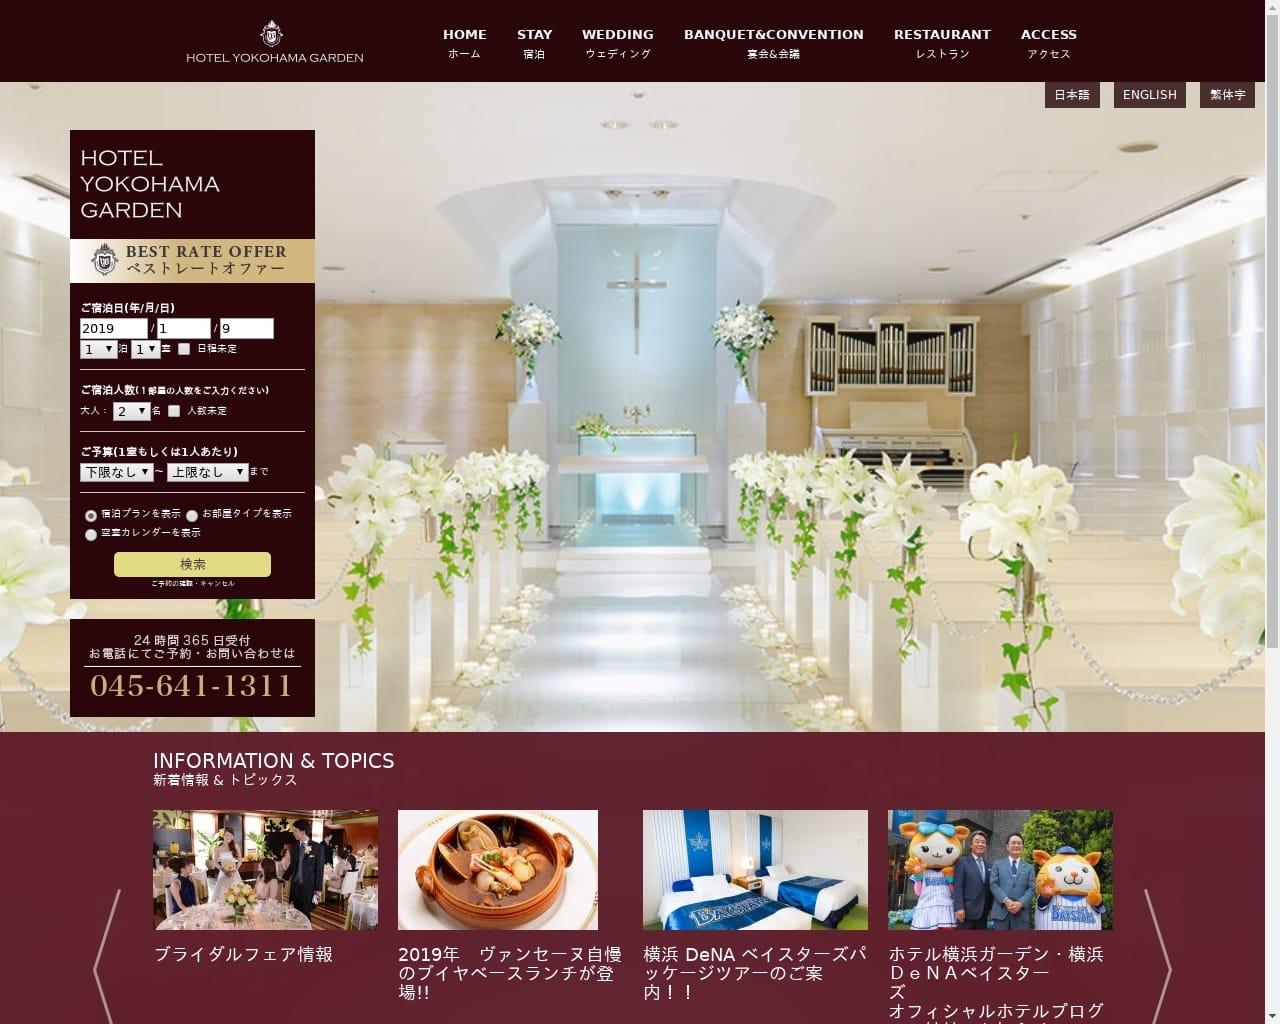 高級ホテル特集 ホテル横浜ガーデン